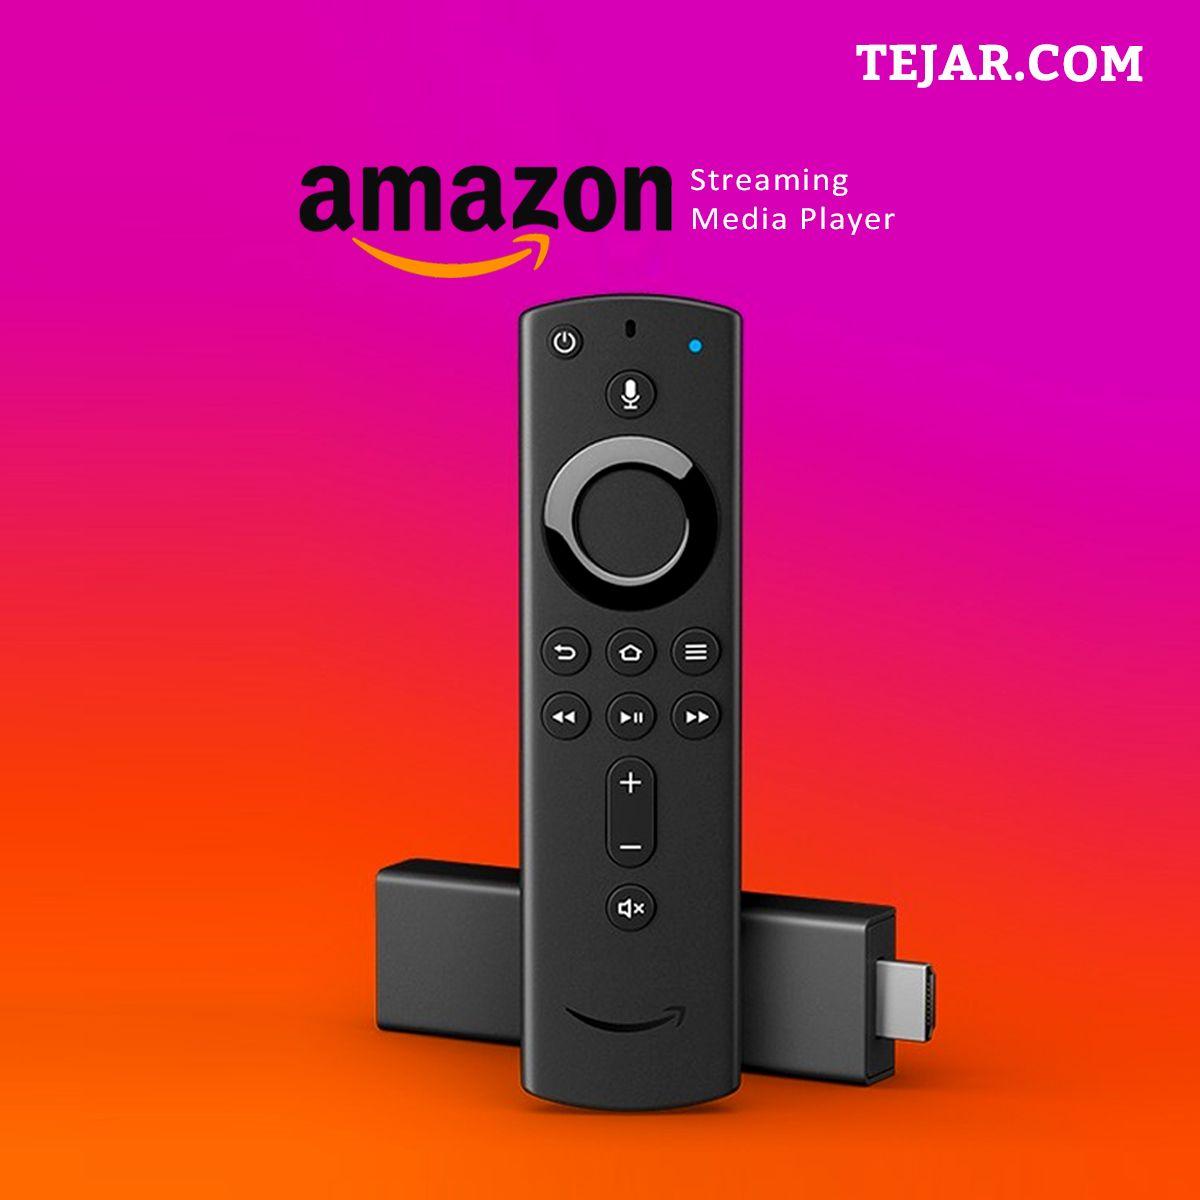 Amazon Fire TV Stick with AllNew Alexa Voice Remote